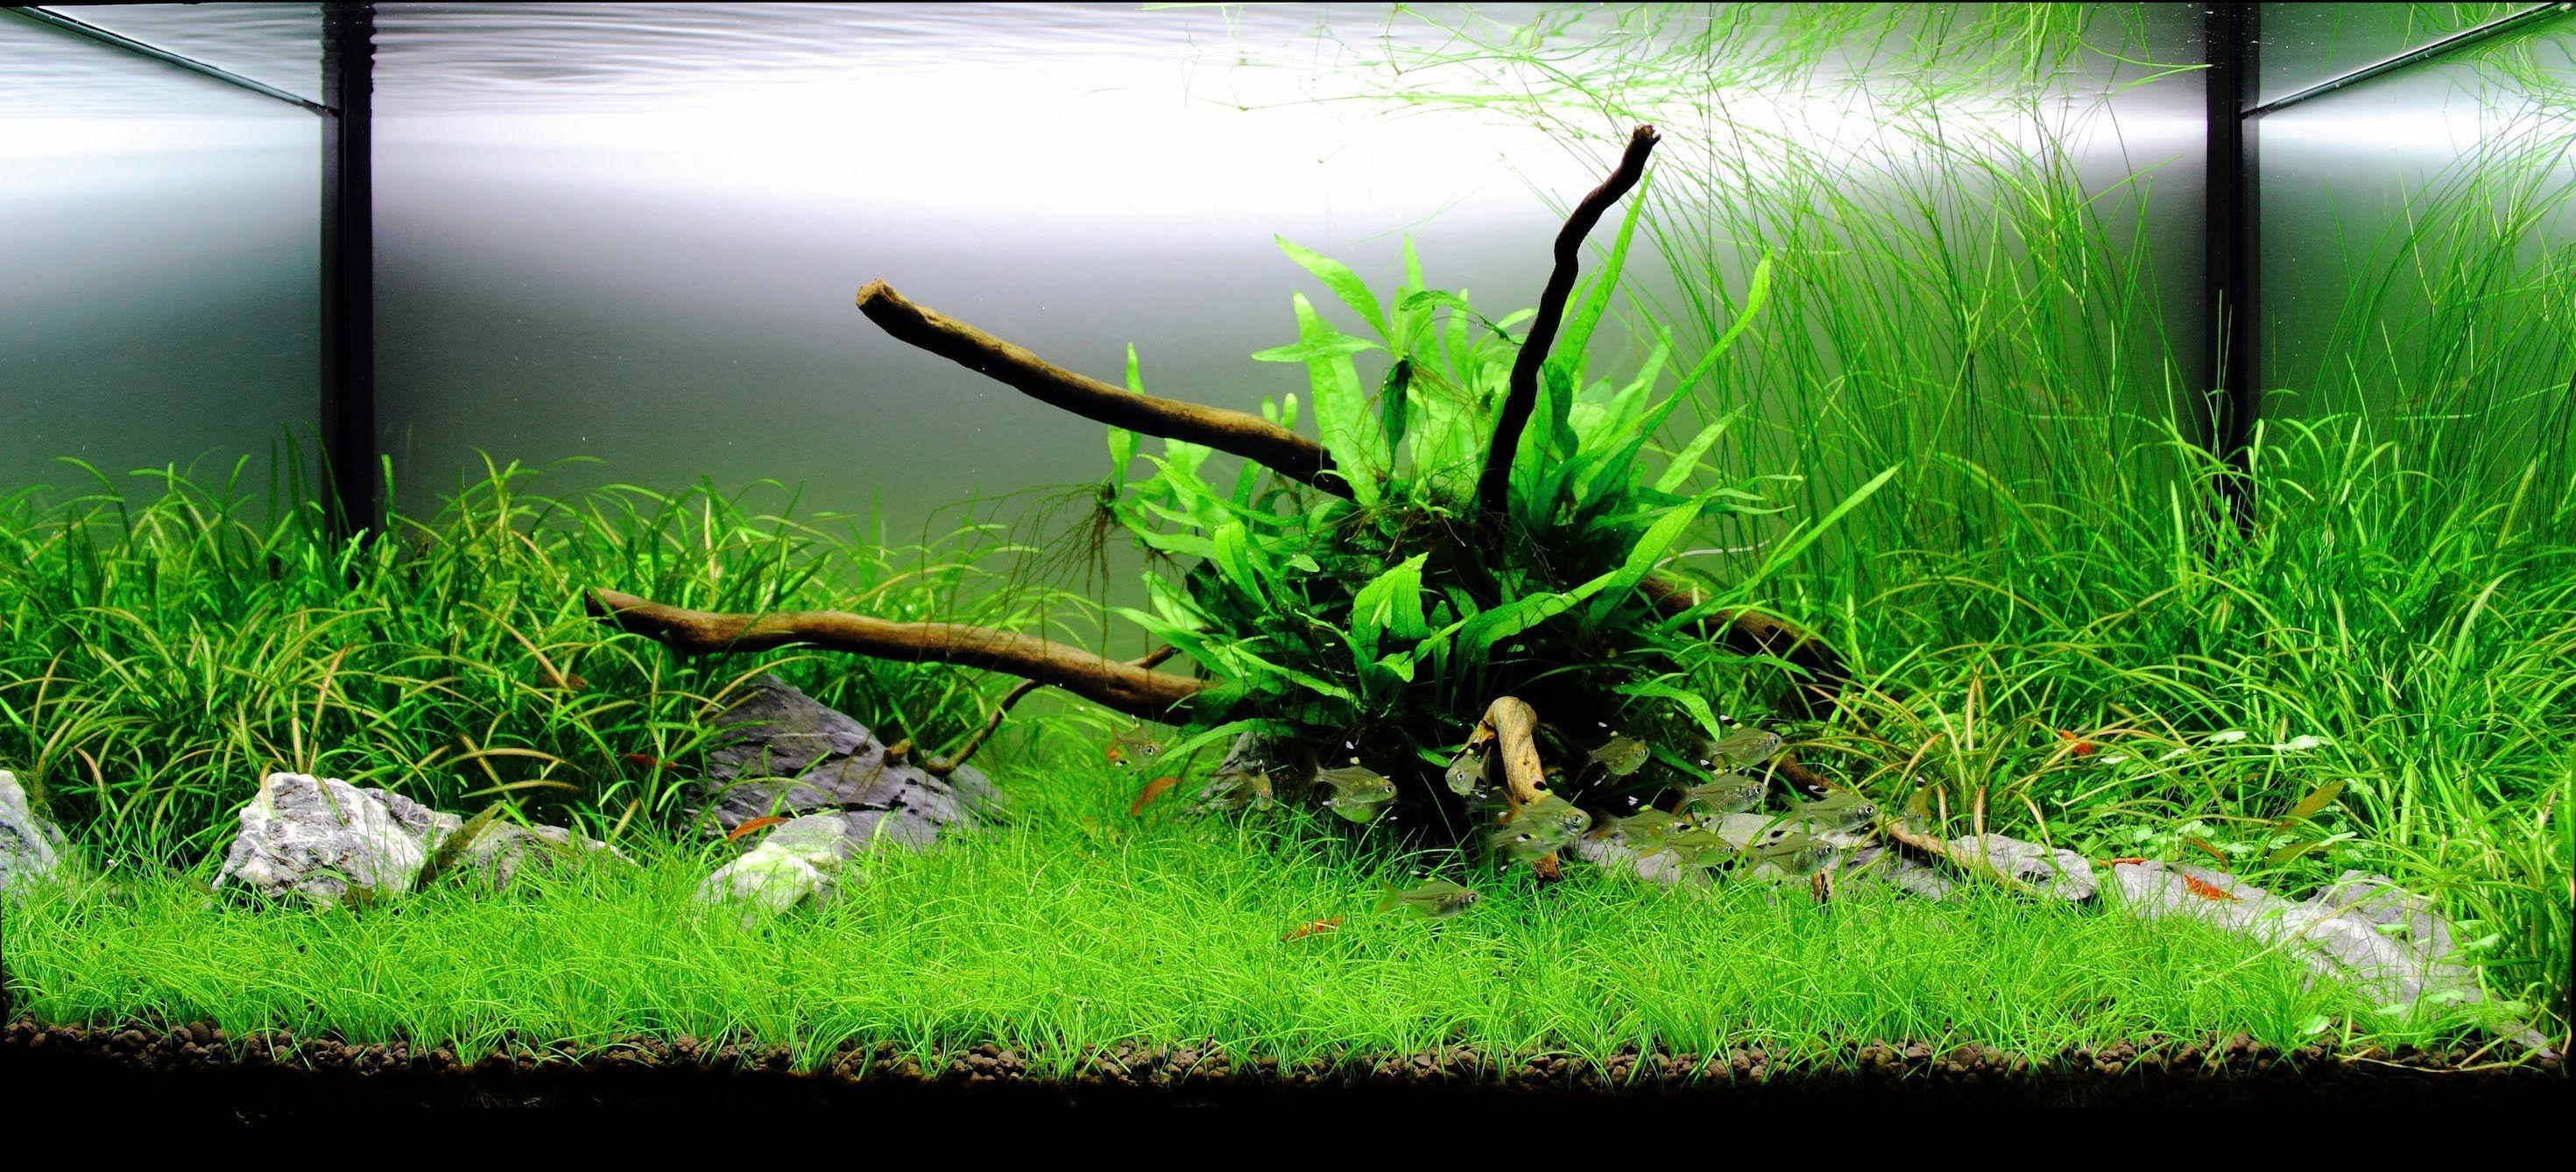 plant aquarium design photo design aquarium pinterest - Freshwater Aquarium Design Ideas